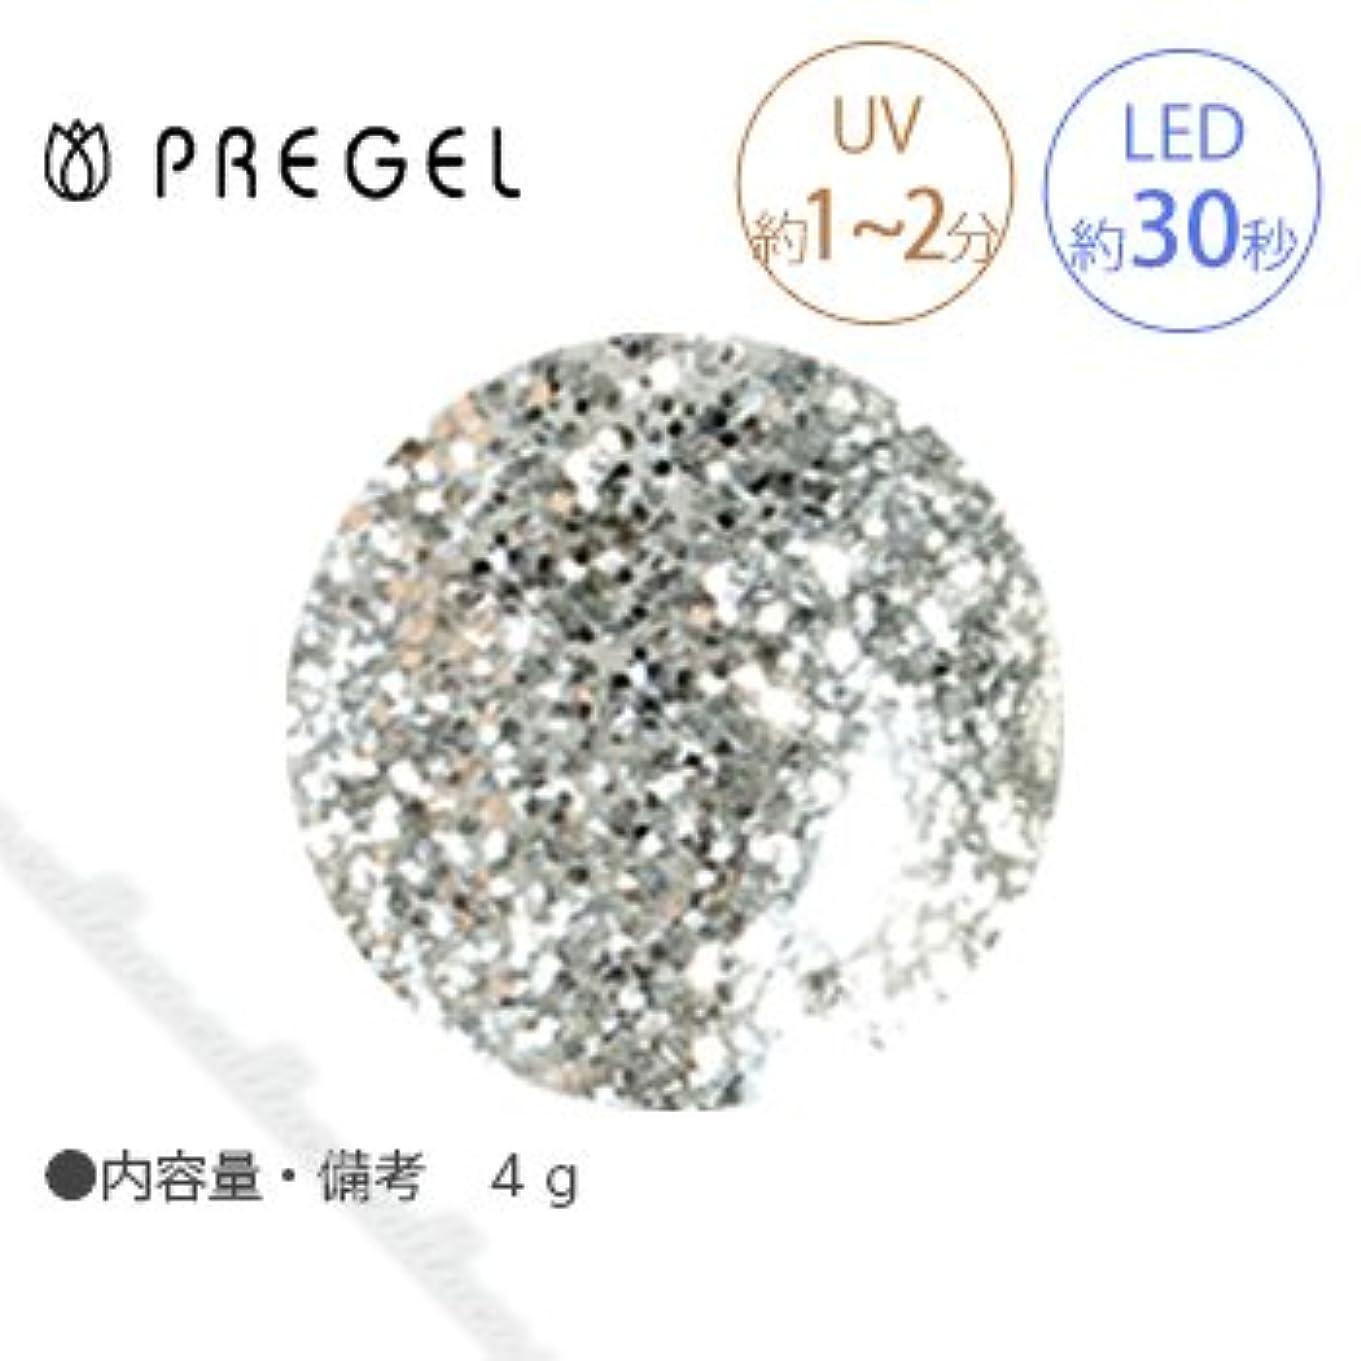 で出来ているエクステント知らせる【PREGEL】 プリジェル カラーEX ダイヤモンドシリーズ ダイヤモンドシルバー PG-CE400 4g